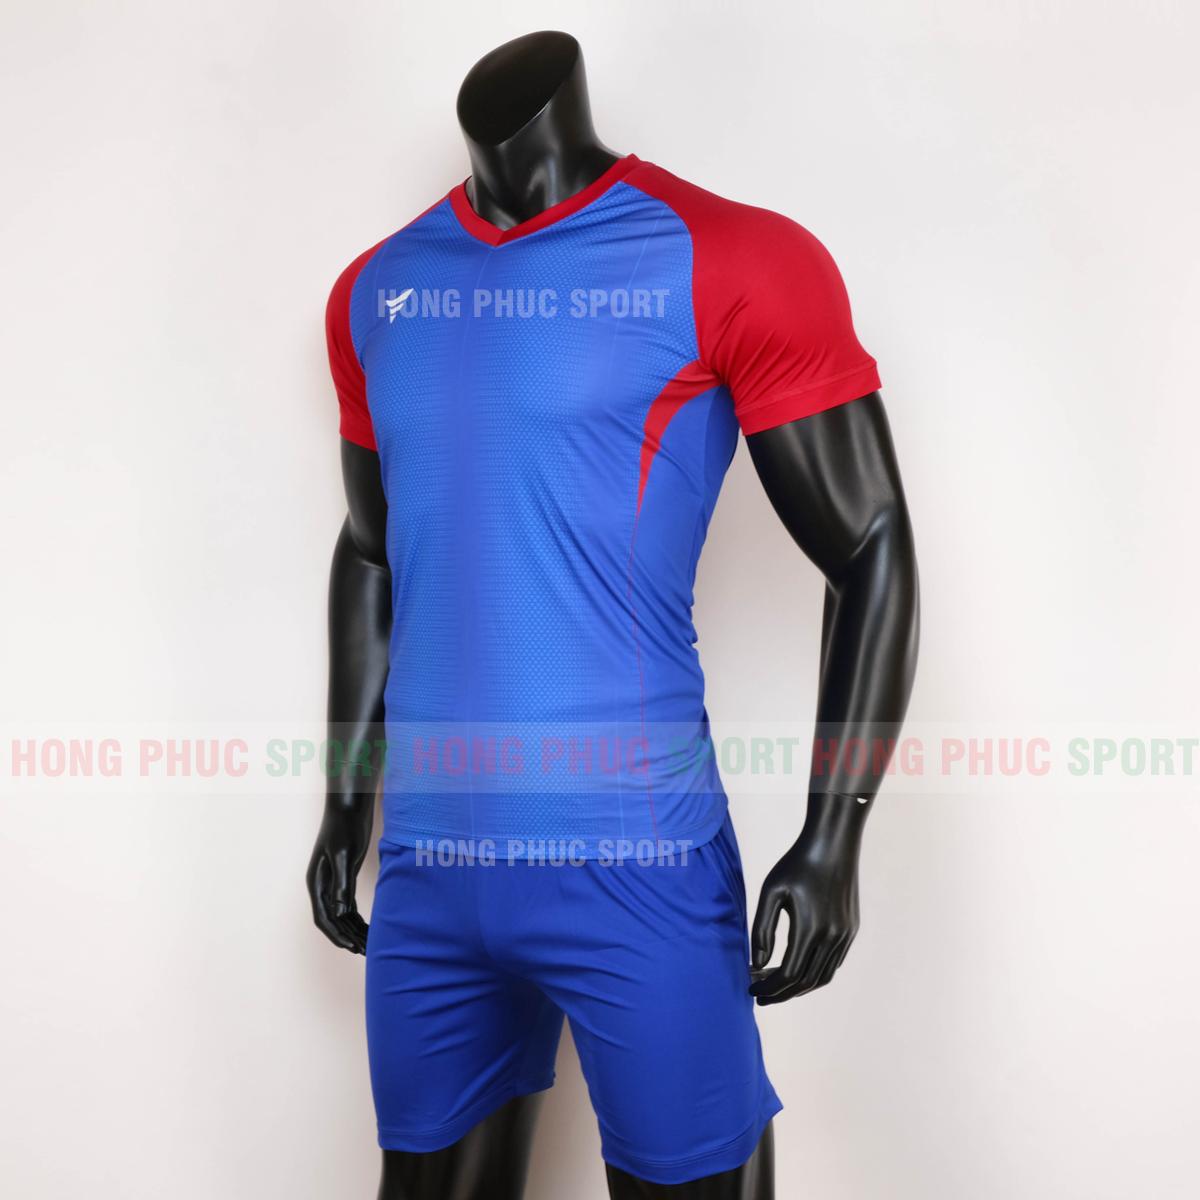 https://cdn.hongphucsport.com/unsafe/cdn.hongphucsport.com/dothethao.net.vn/wp-content/uploads/2020/01/ao-bong-da-khong-logo-winroad-2020-xanh-duong-4.png